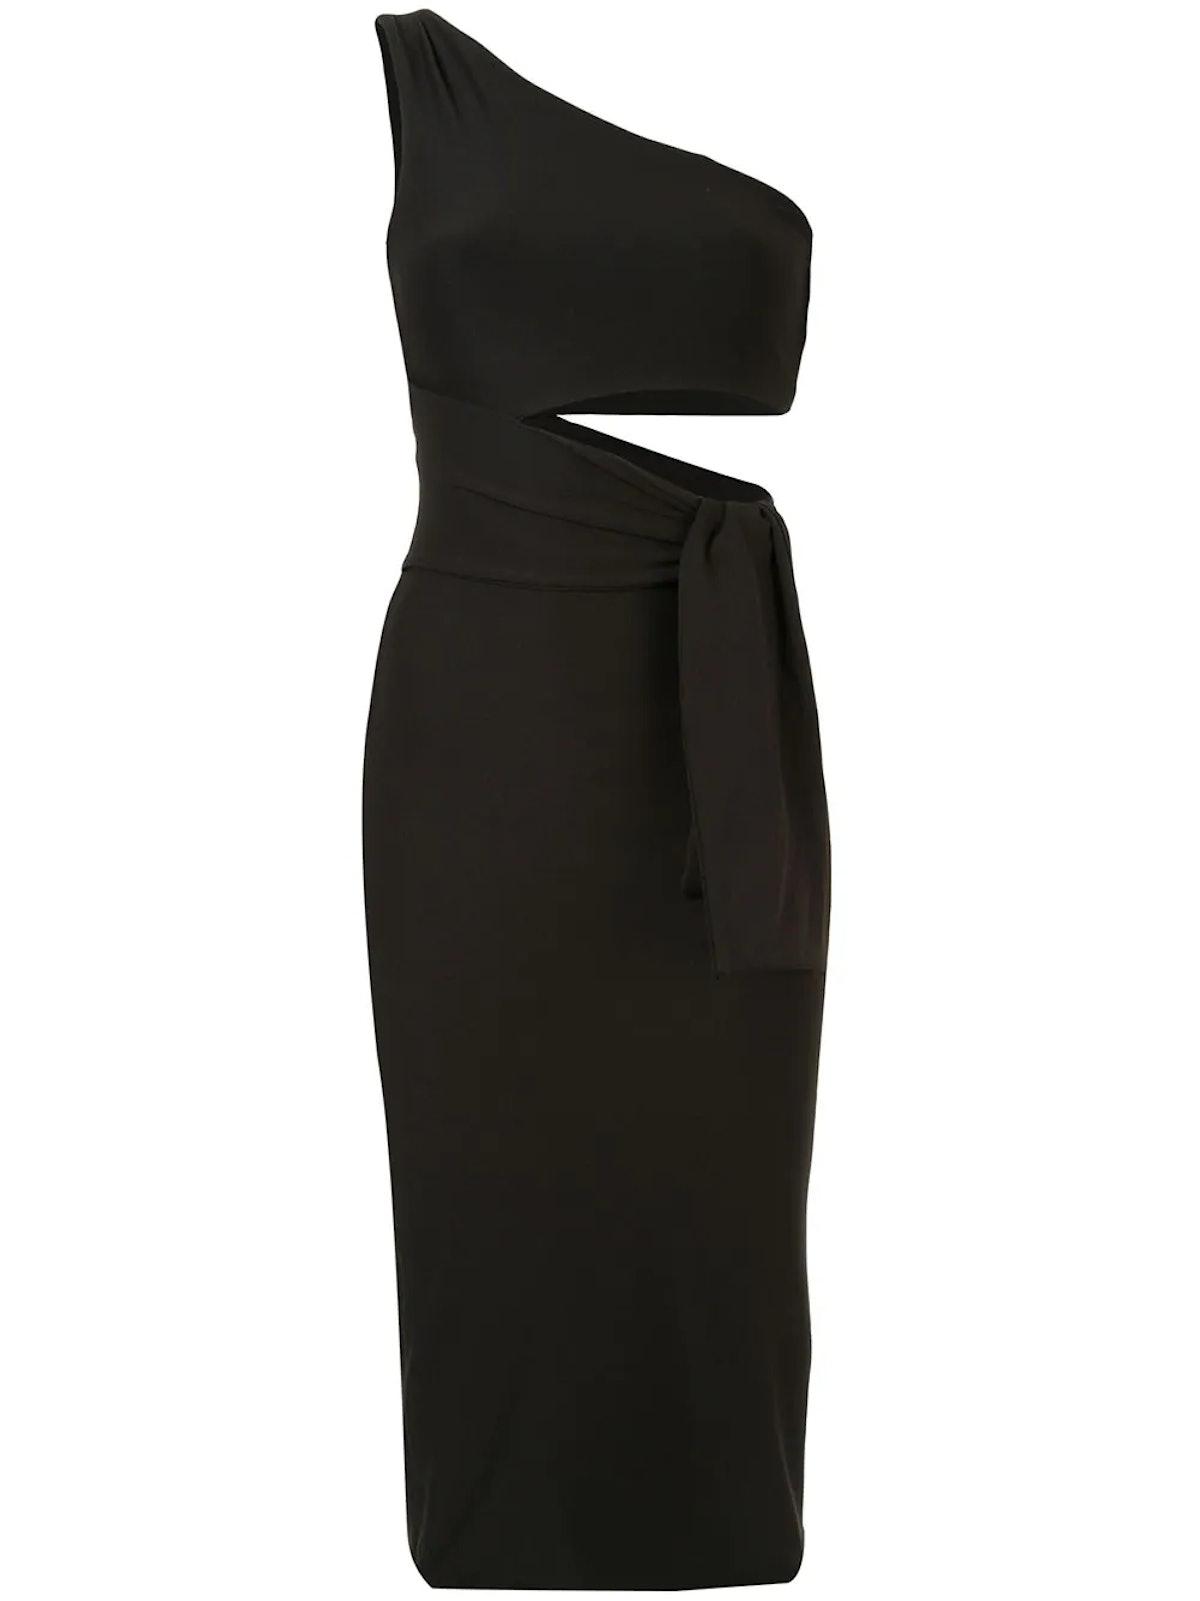 ALIX NYC's black Watson dress with a cutout.